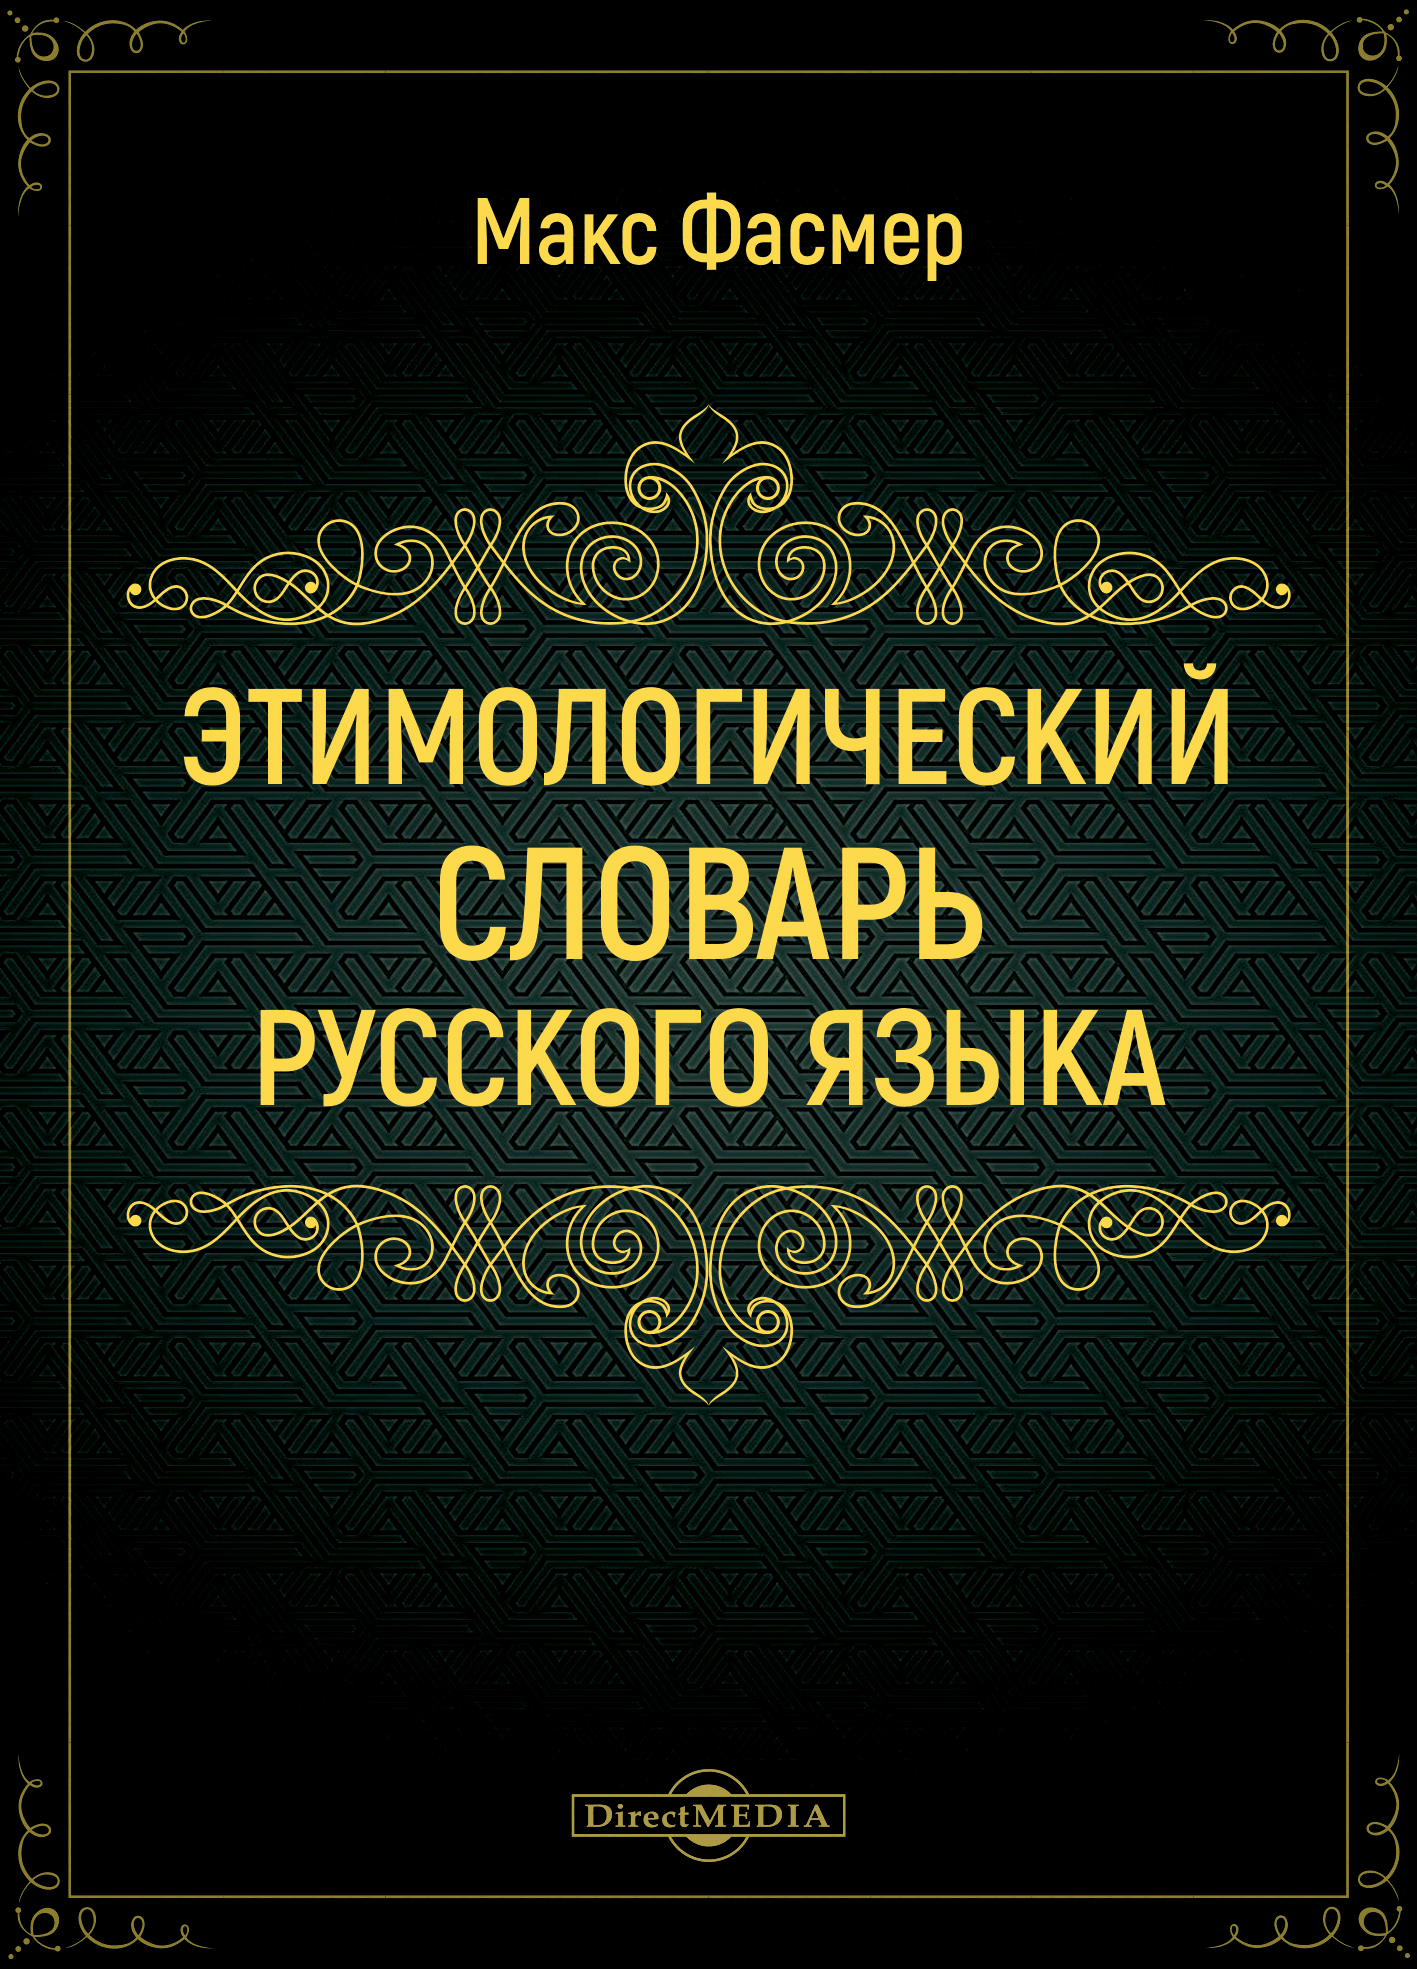 Этимологический словарь русского языка Макса Фасмера